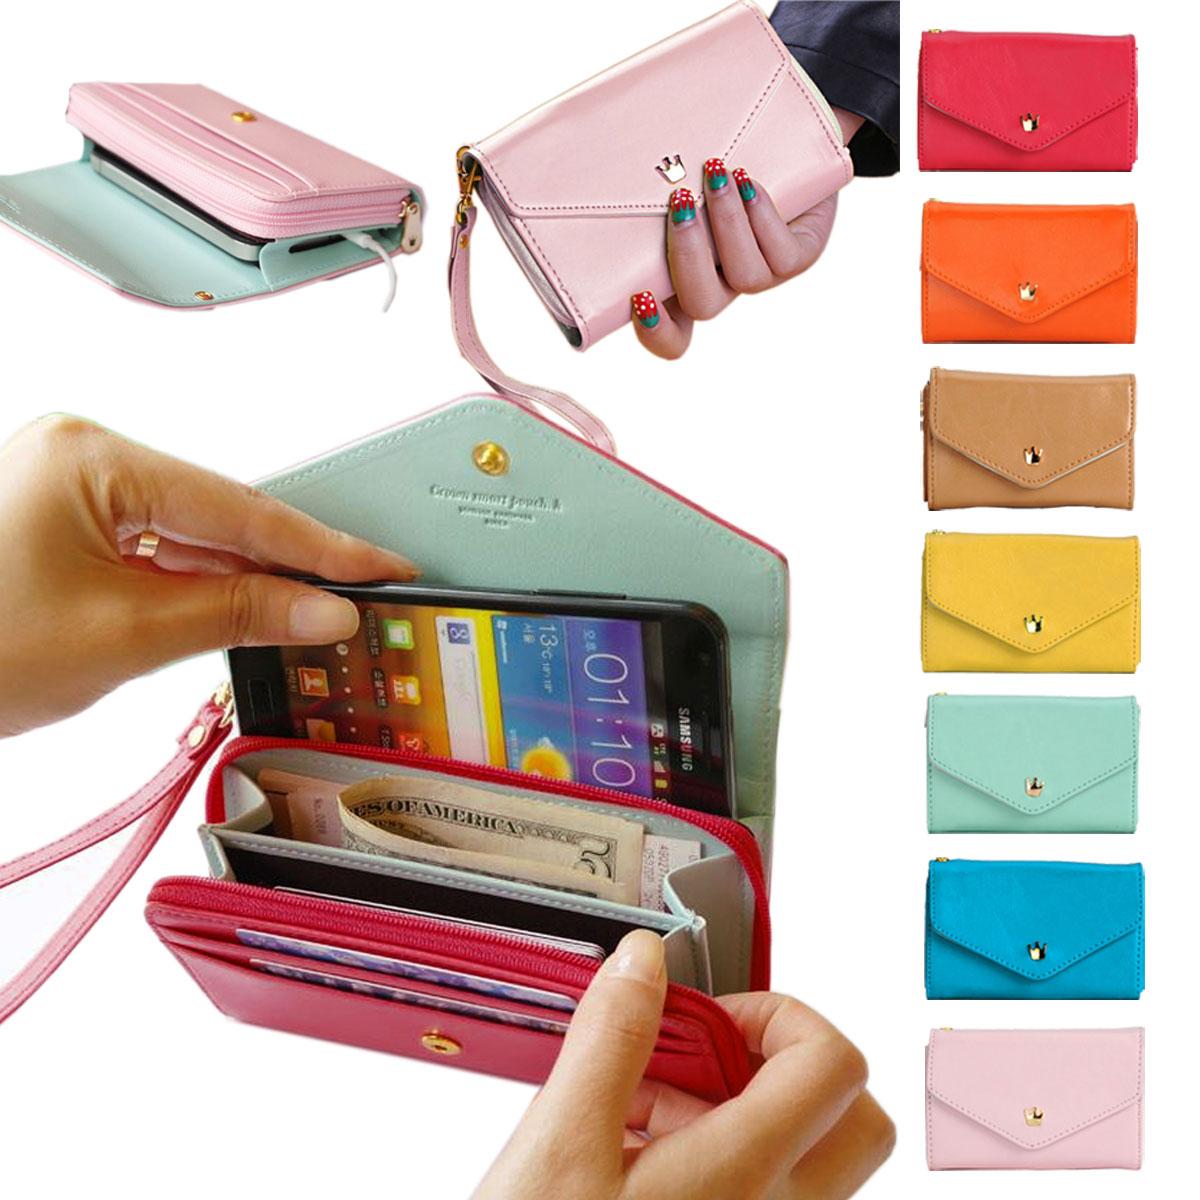 f4bcd6da27832 Satın Al Kadın \ 'ın Moda Deri Çanta Telefon Cüzdan Muhtasar Cüzdan ...